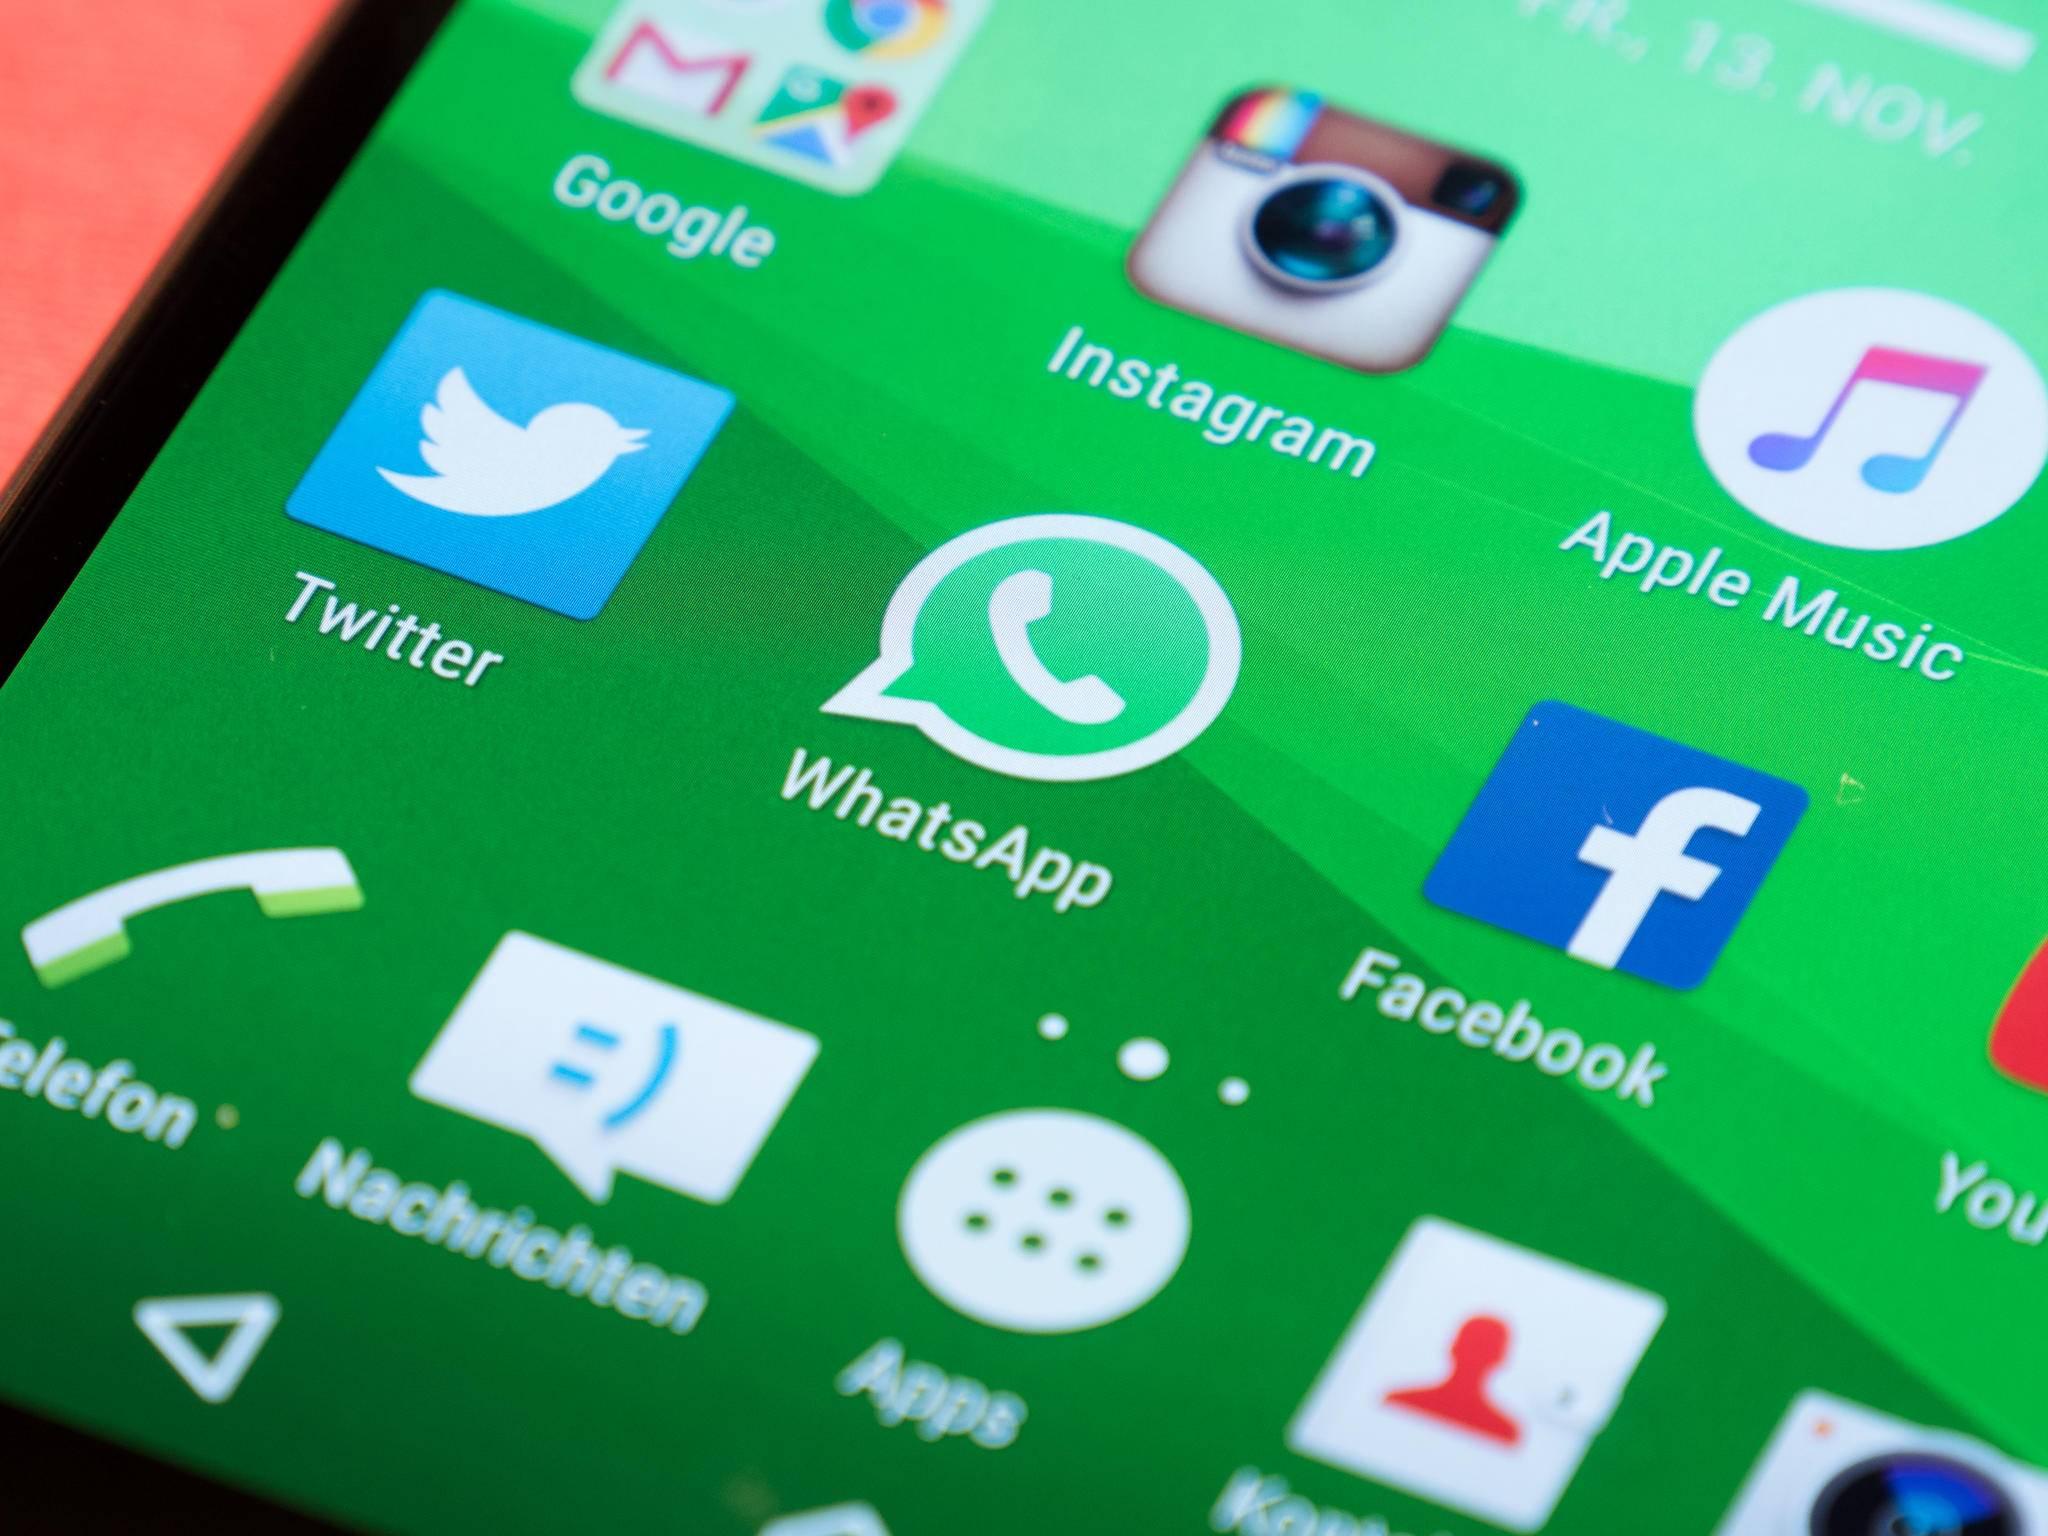 Twitter, WhatsApp, Facebook